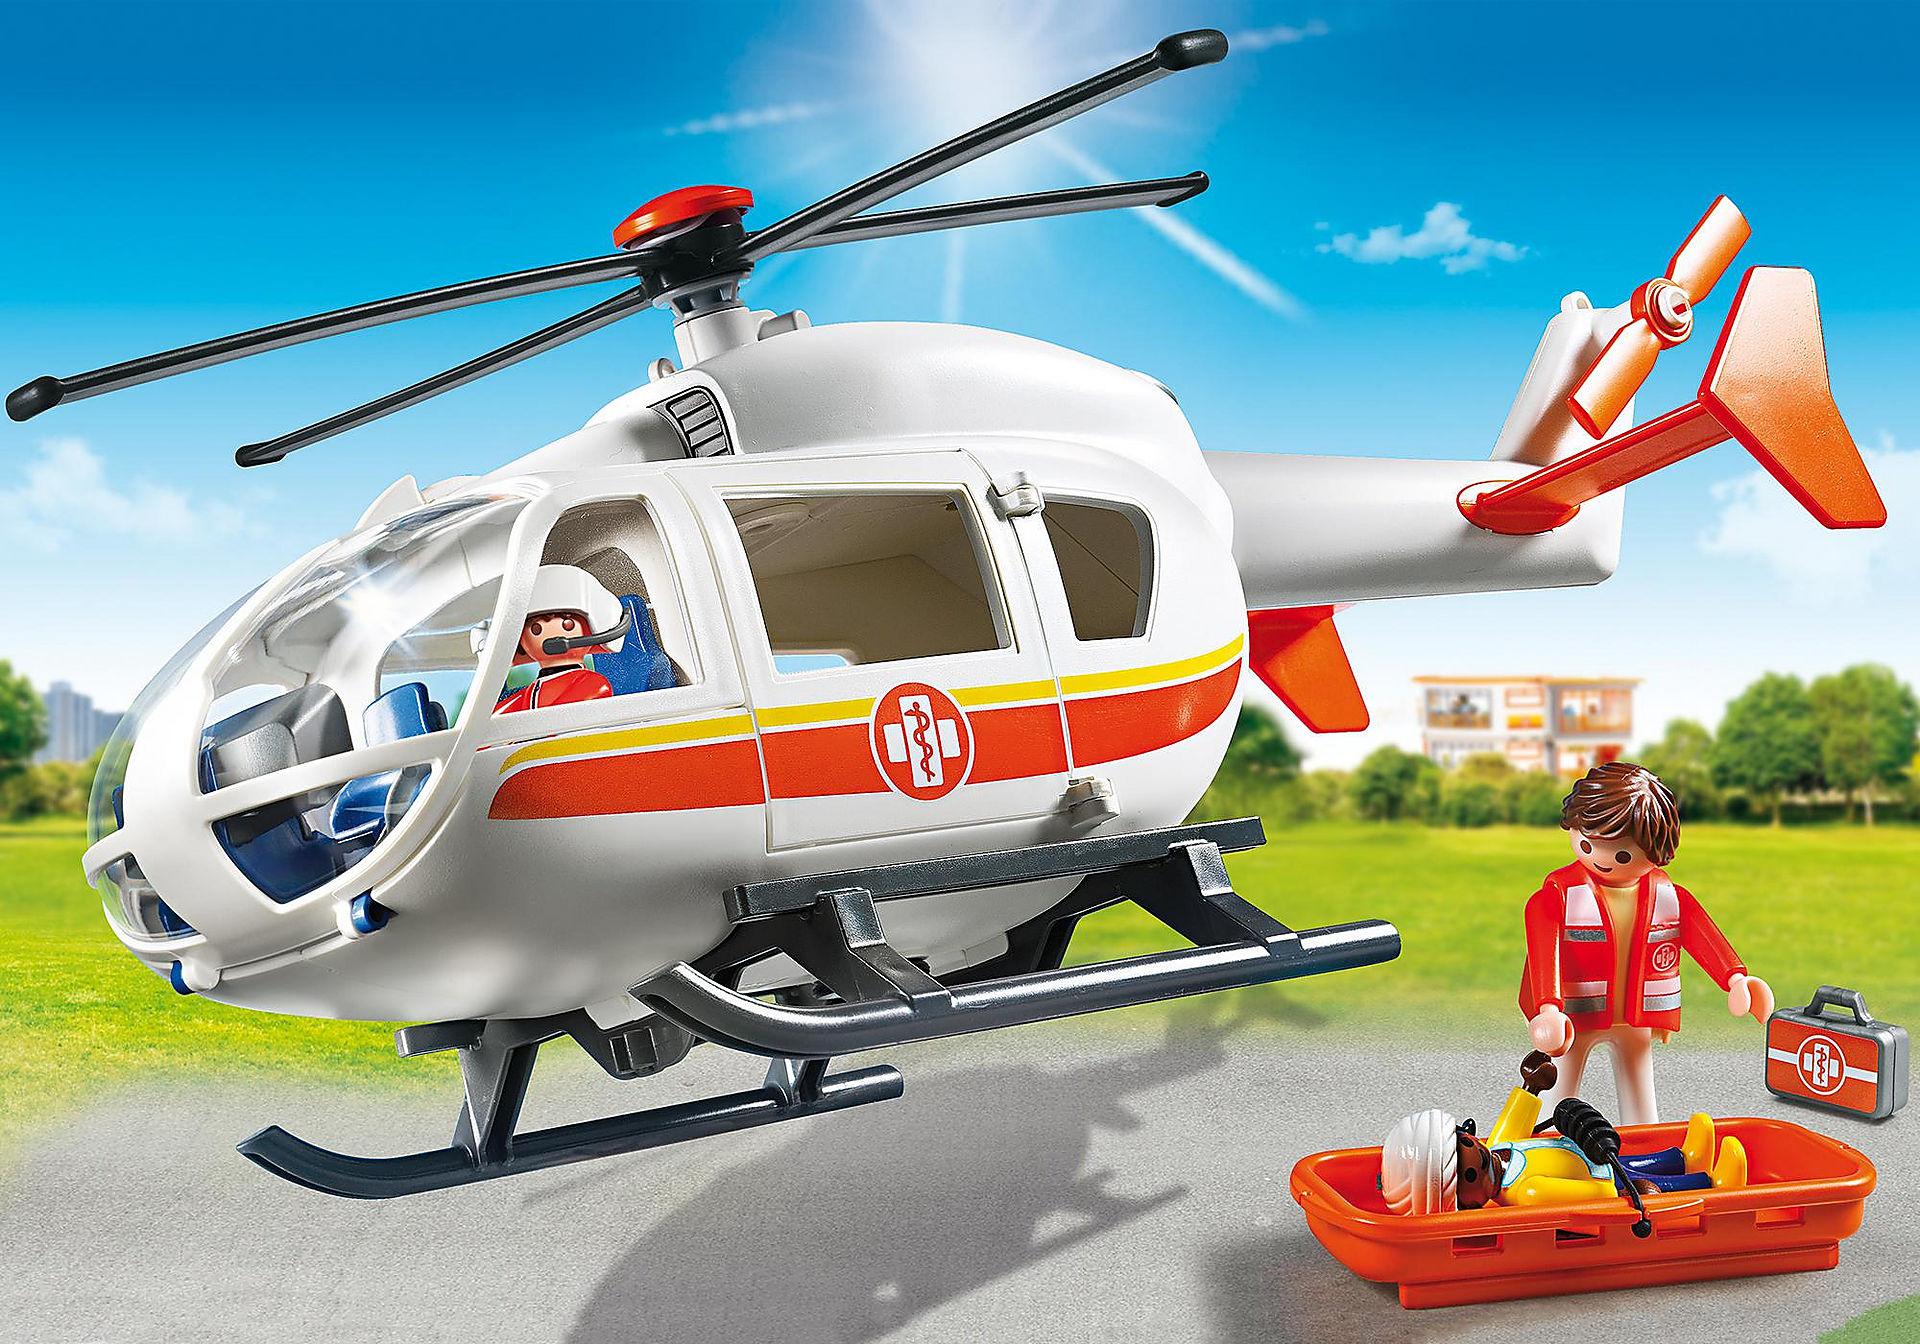 6686 Helicóptero Médico de Emergencia zoom image1